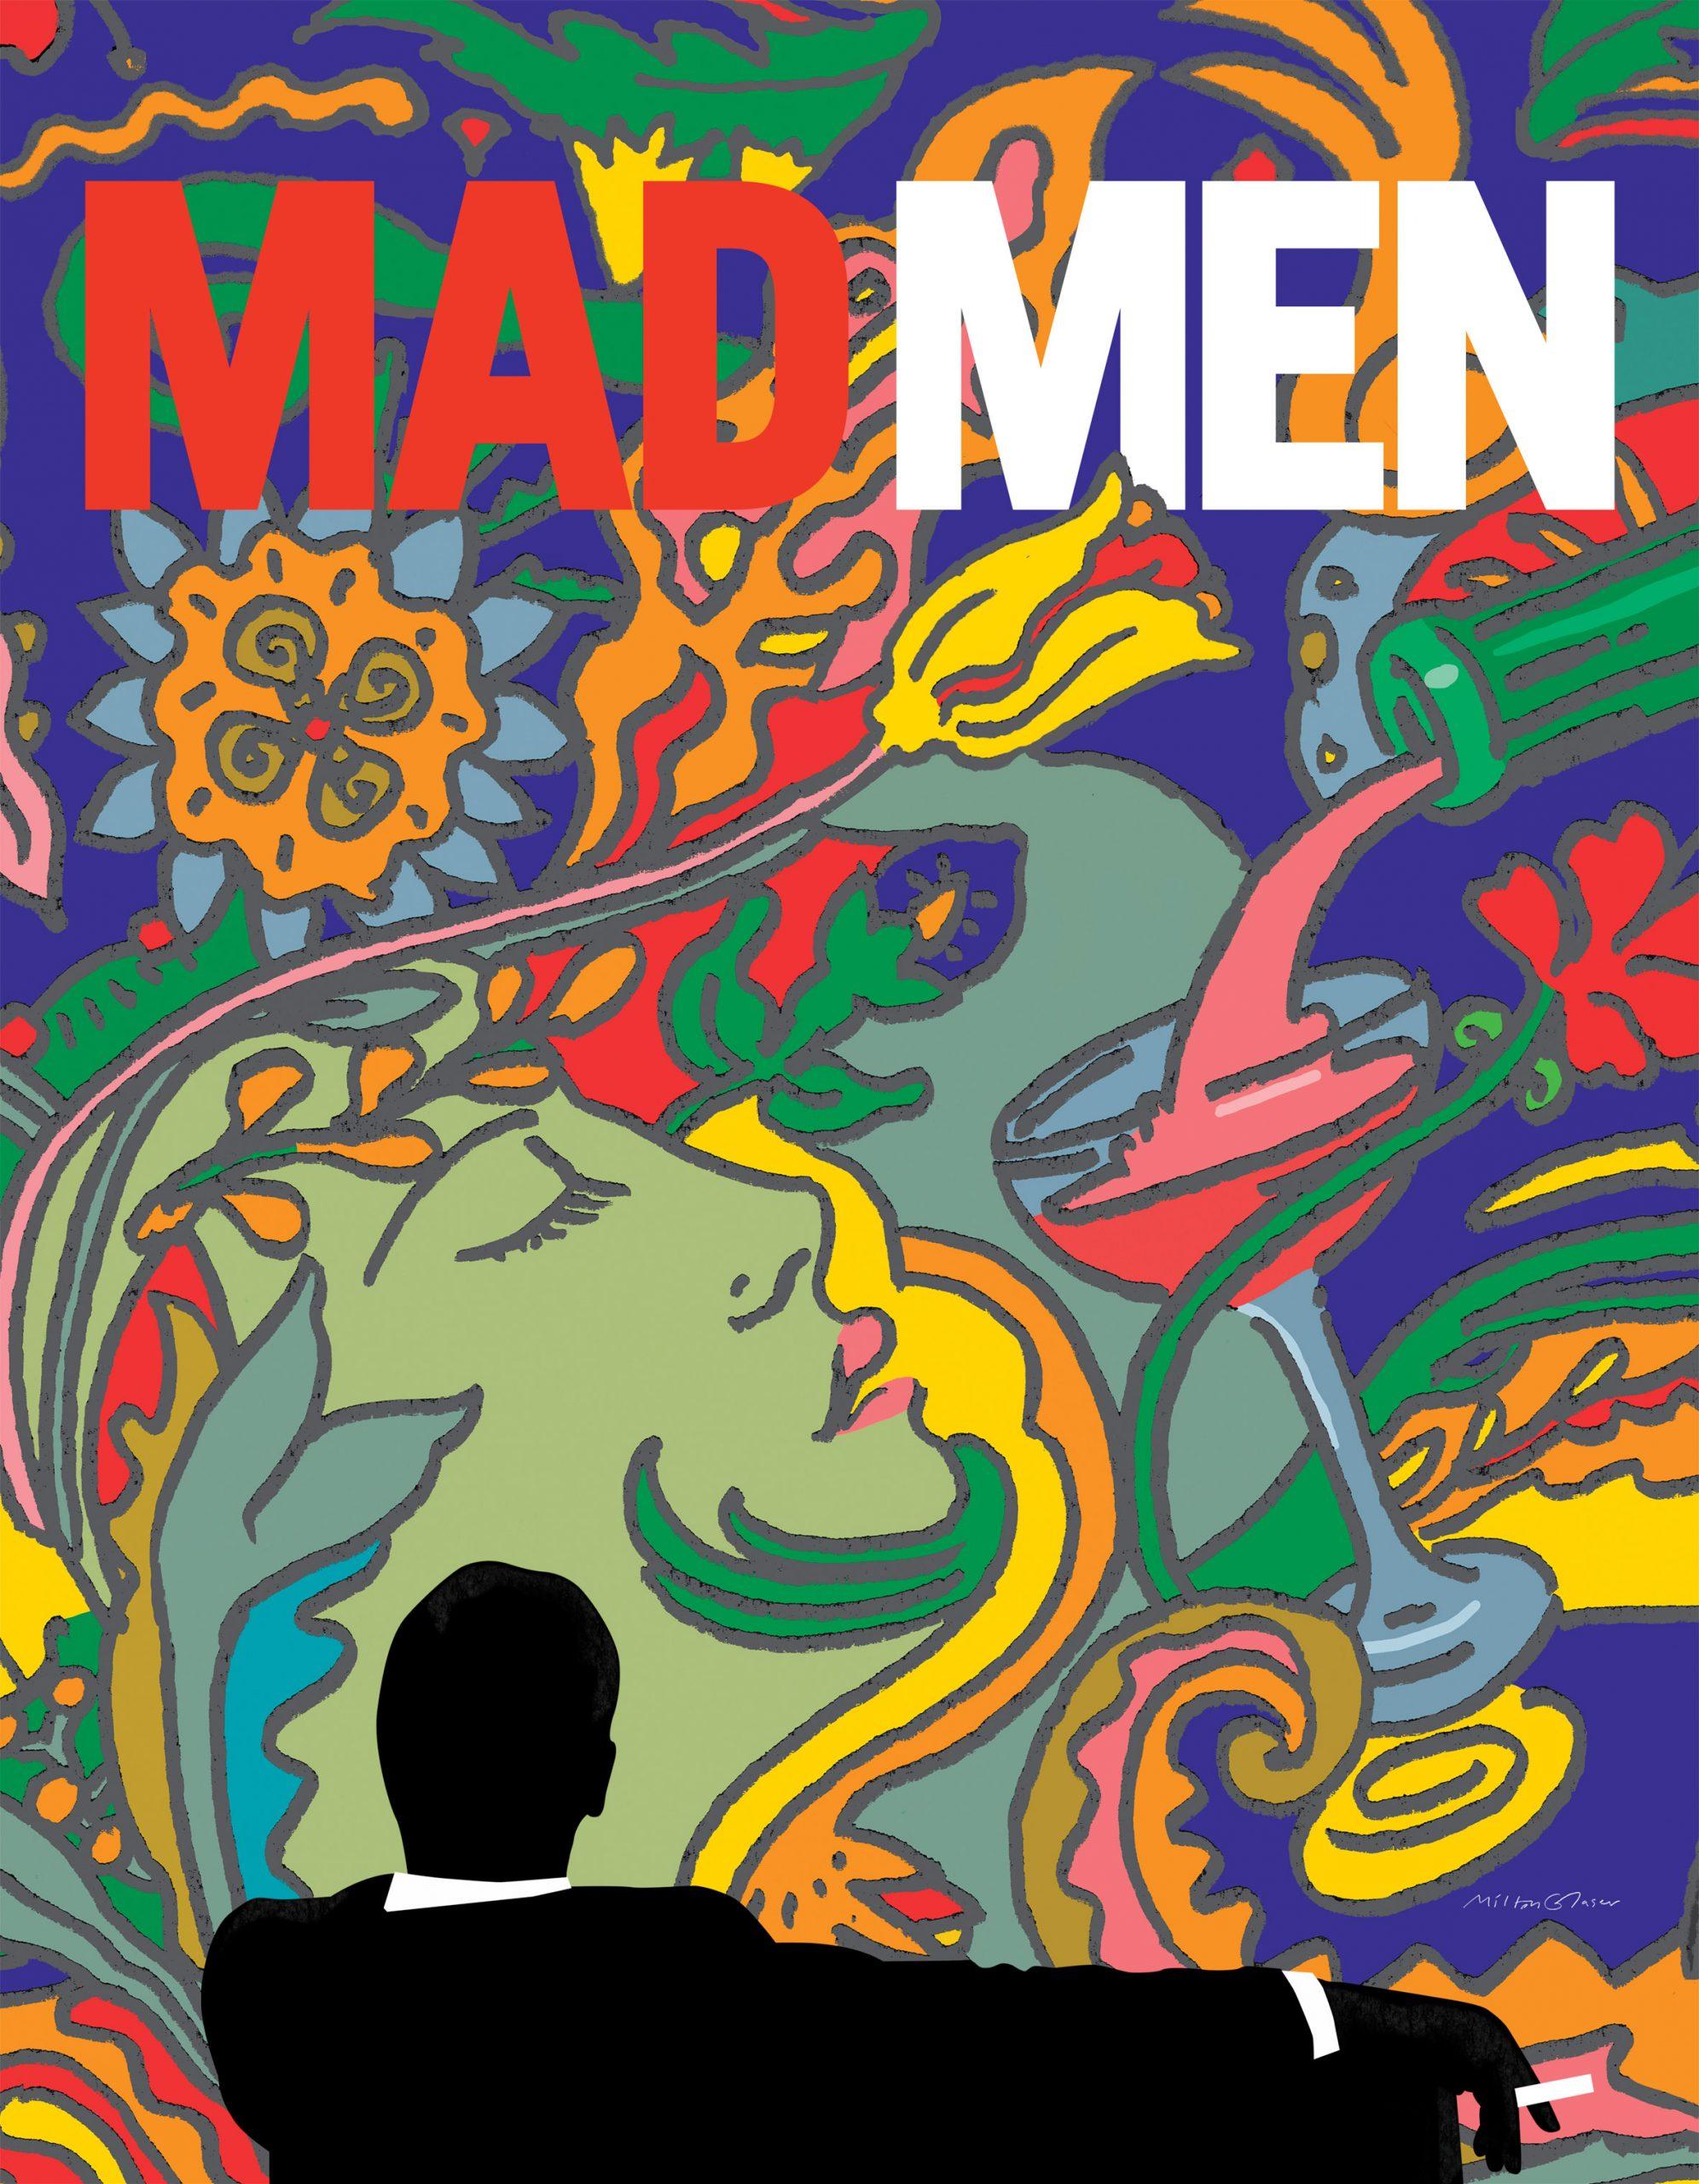 milton-glaser-graphic-design-poster-mad-men-per-rubrica-fuori-contest-expo4talent